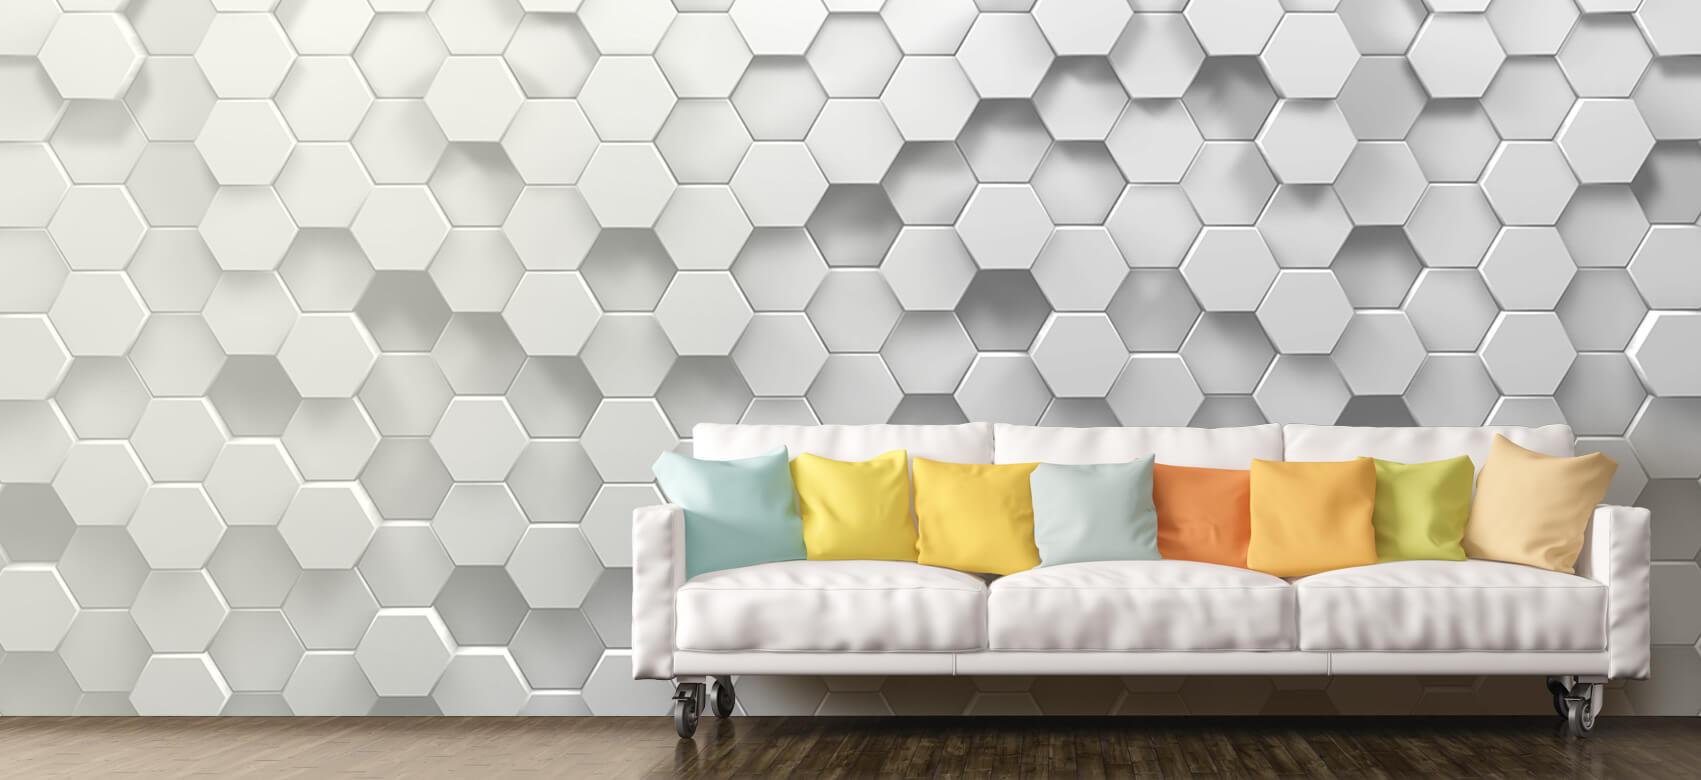 3D 3D Hexagons 7